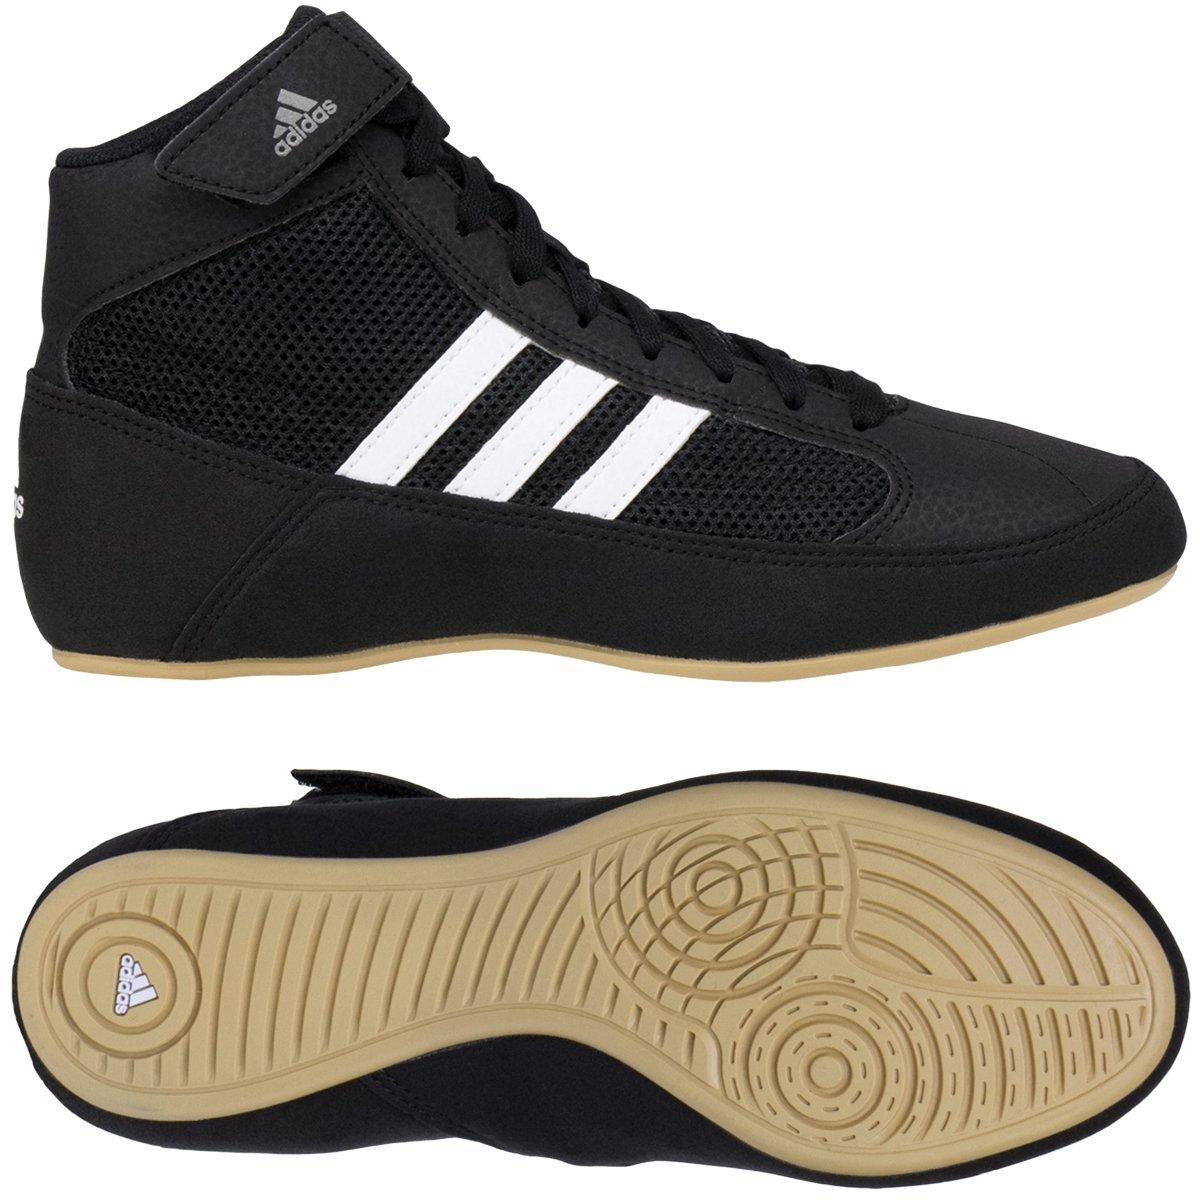 adidas AQ3327 hvc k キッズレスリングシューズ